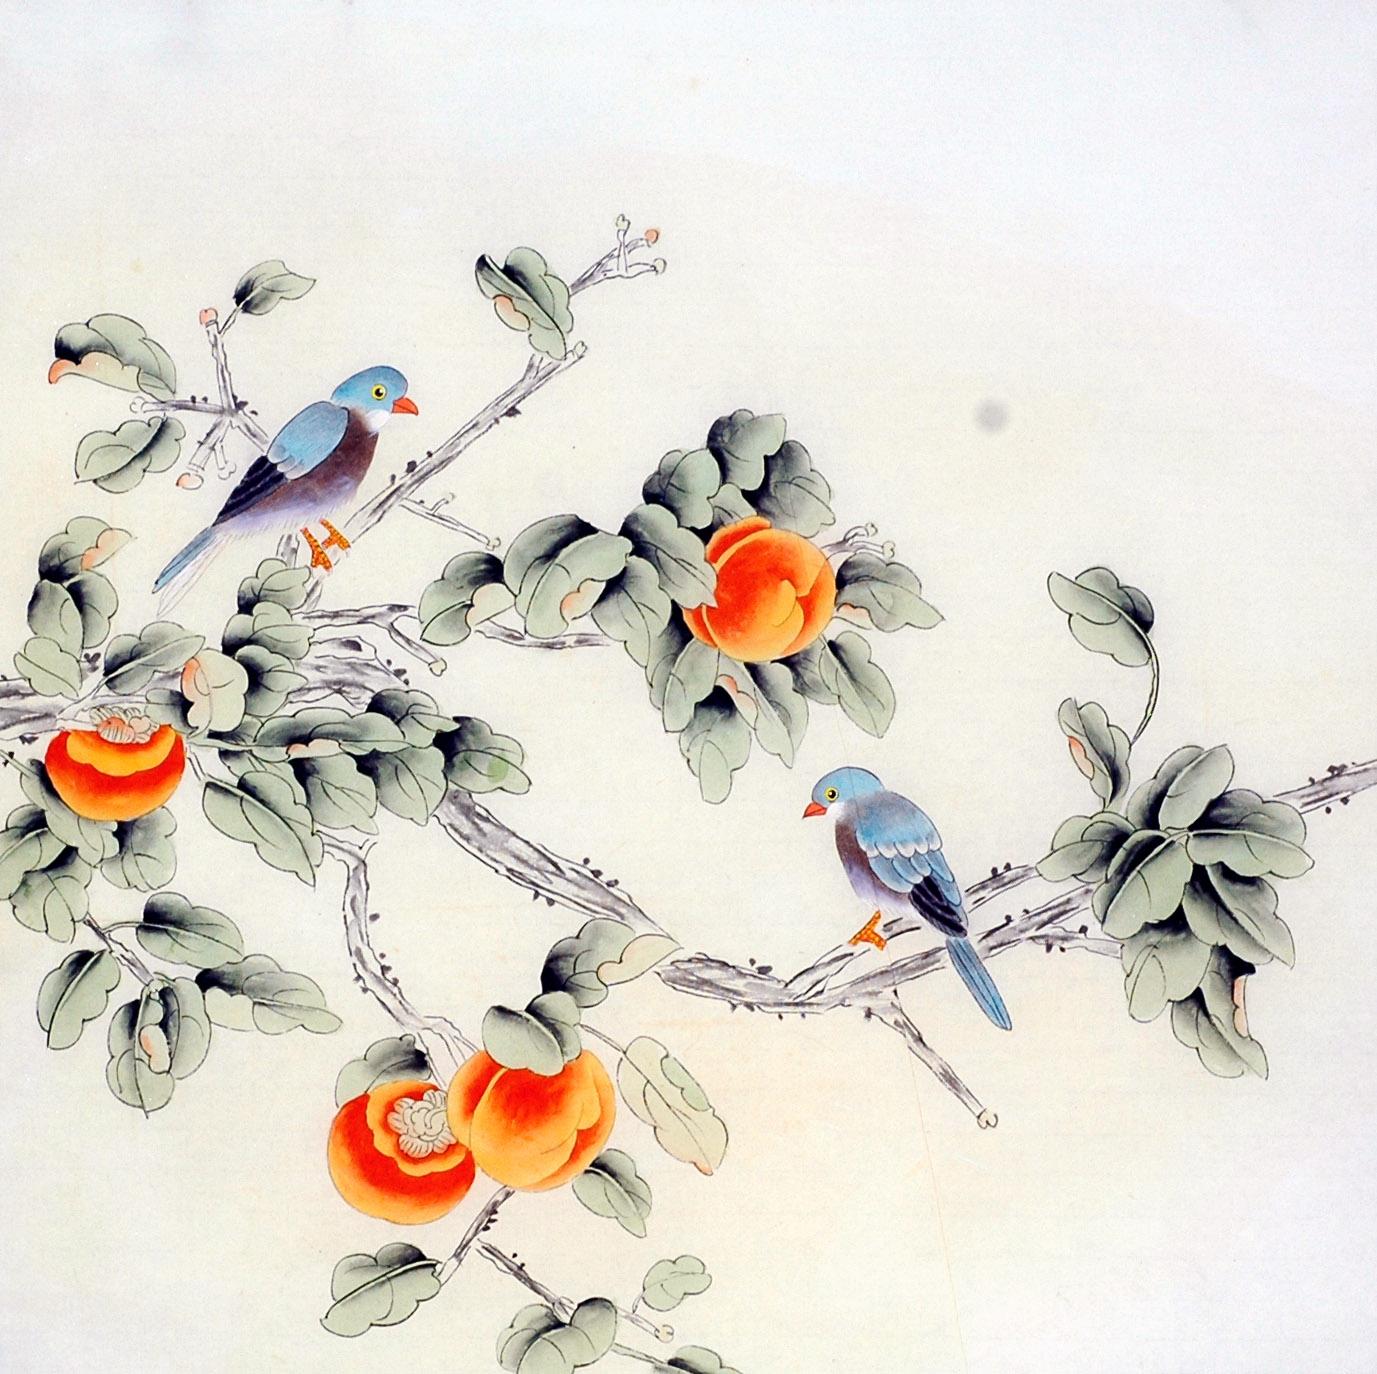 JY251蒋艳梅四尺斗方纯手工笔花鸟办公室客厅装饰国画